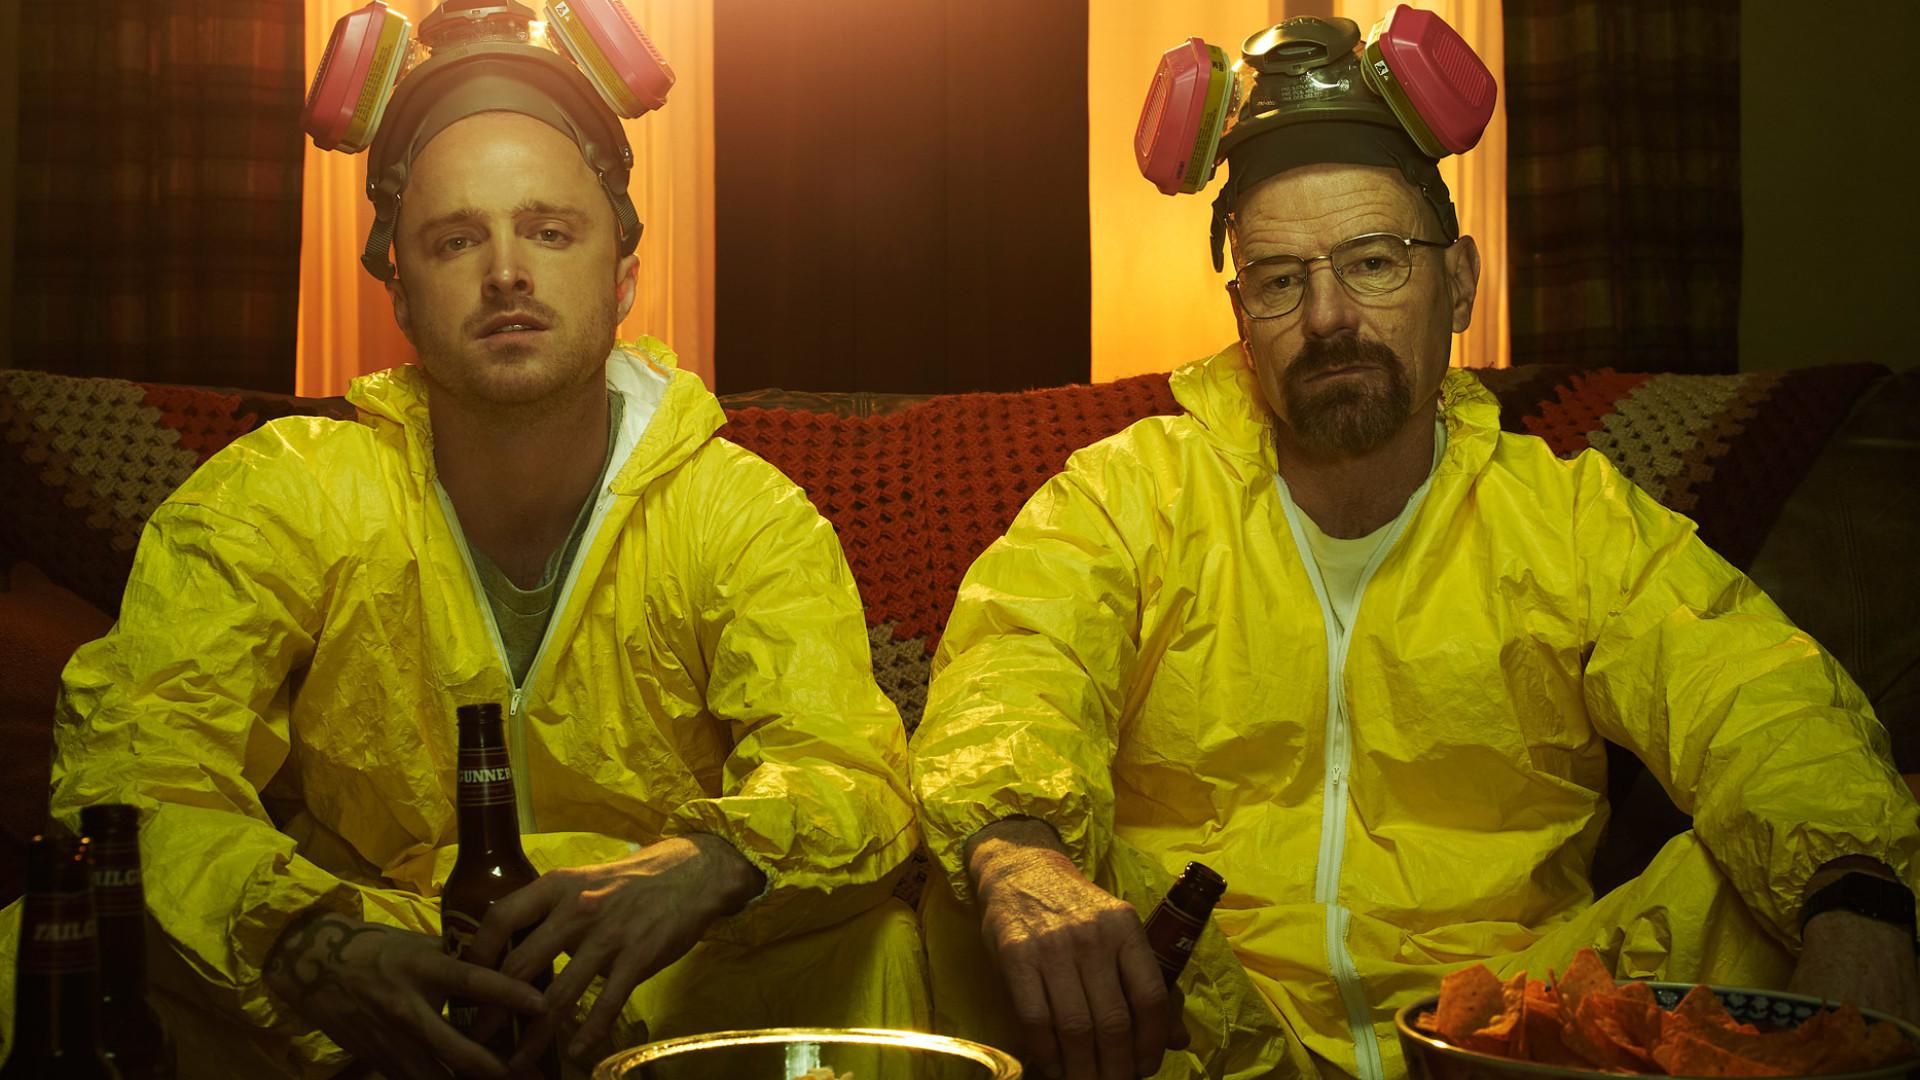 Vem aí filme? Protagonista de 'Breaking Bad' dá força a rumores